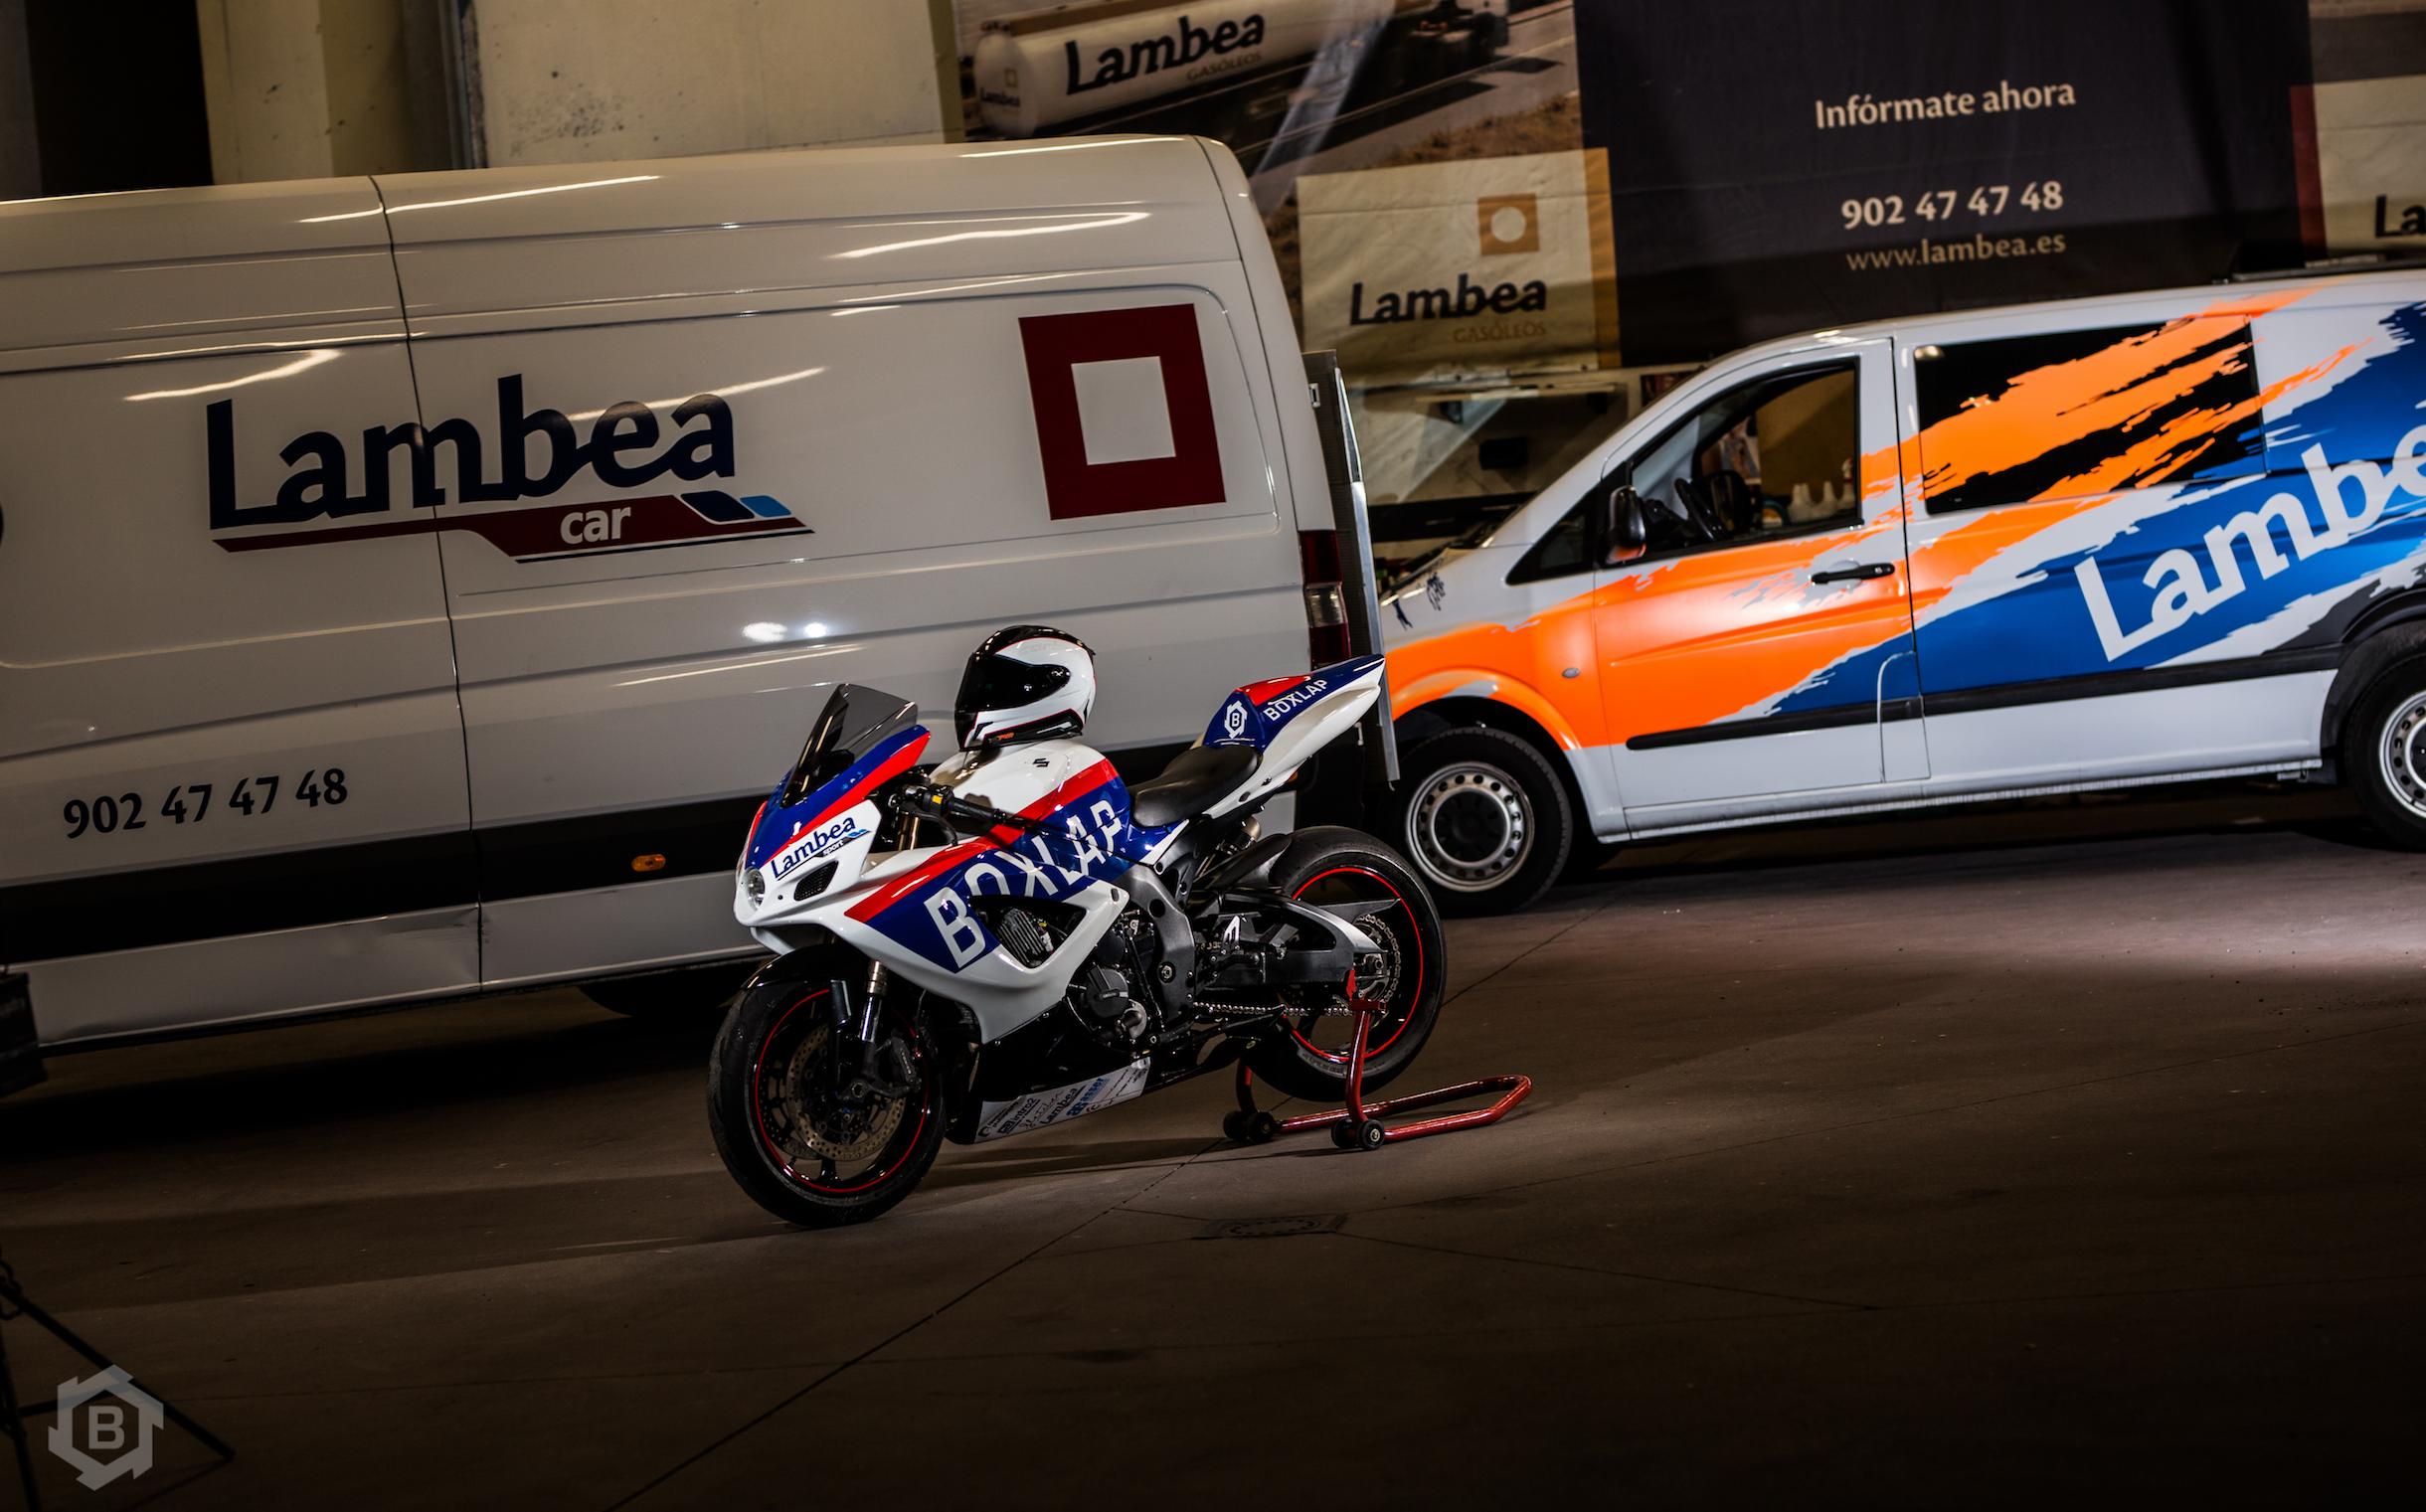 ¿Necesitas transporte para tu moto?